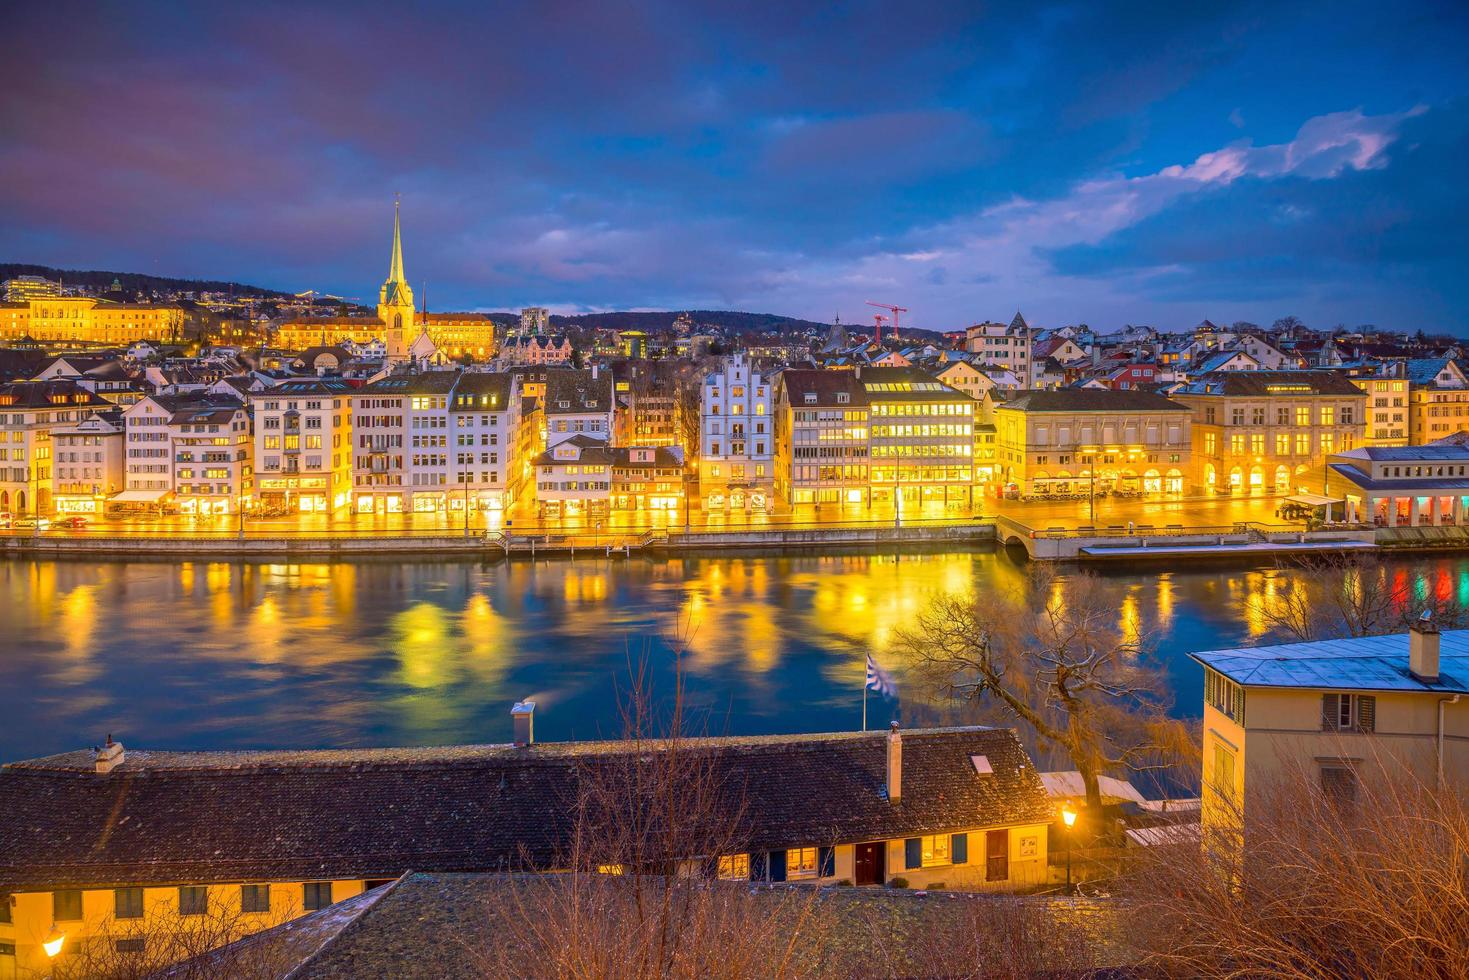 paesaggio urbano del centro di zurigo in svizzera foto